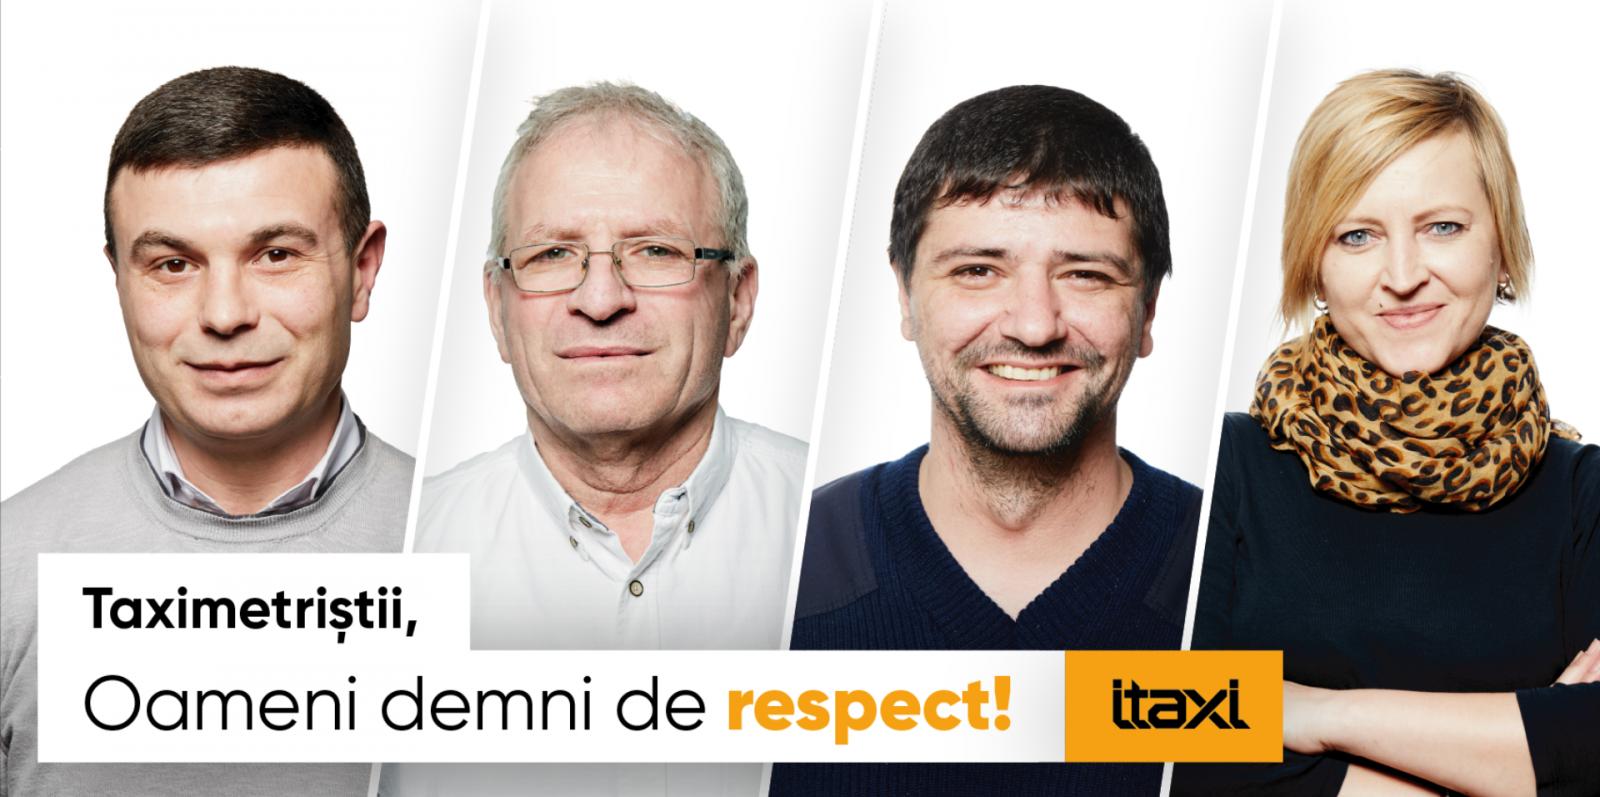 """(video/foto) Să readucem bunul simț în trafic: iTaxi lansează campania """"Oameni demni de respect"""""""